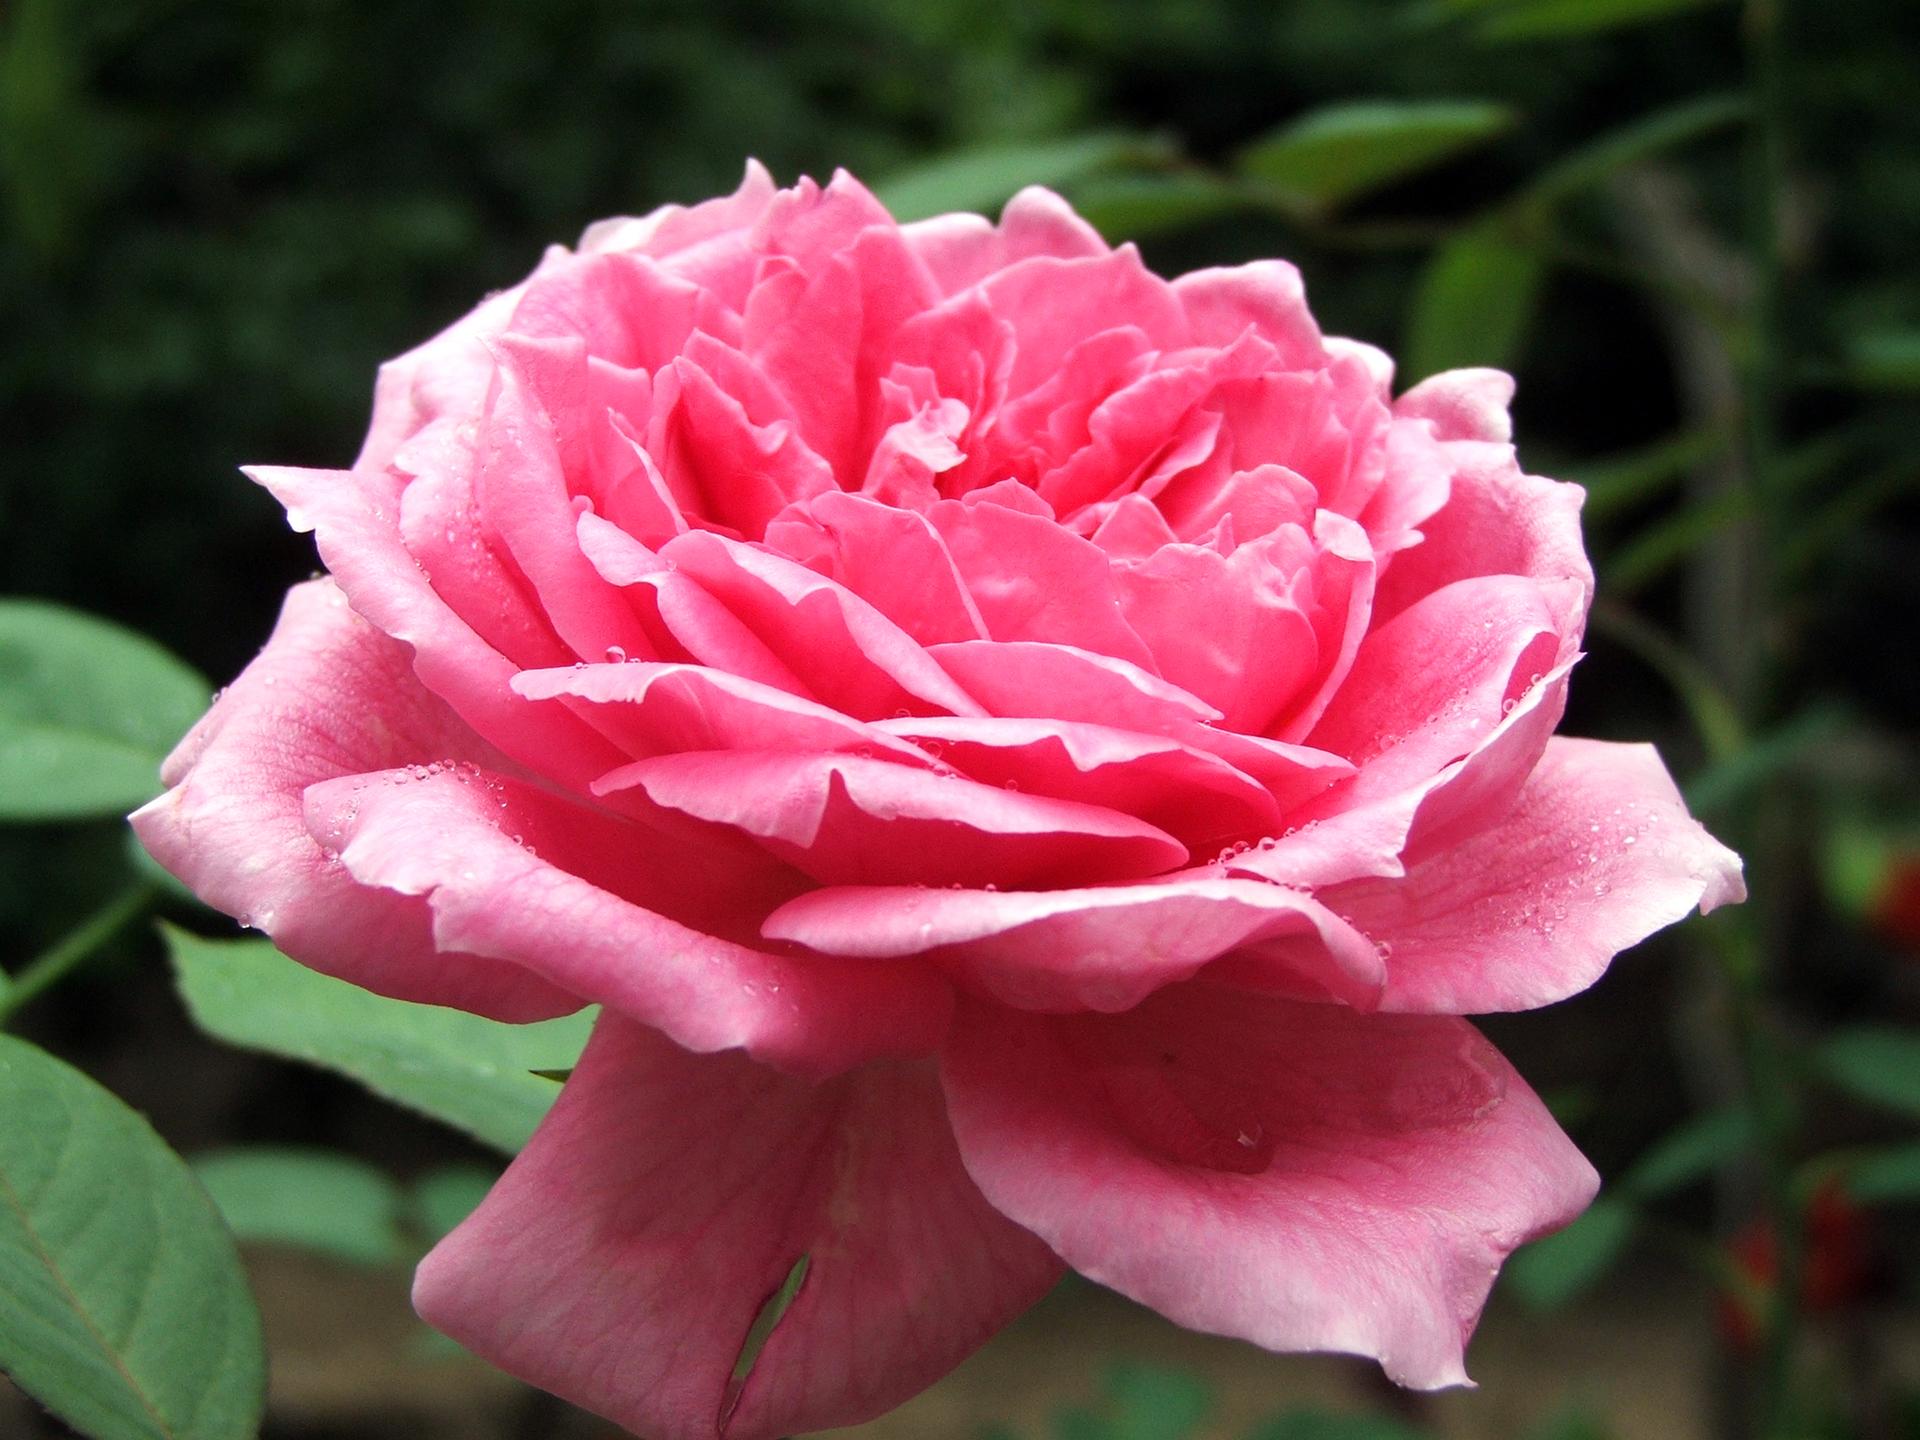 rose-1406036-1920x1440